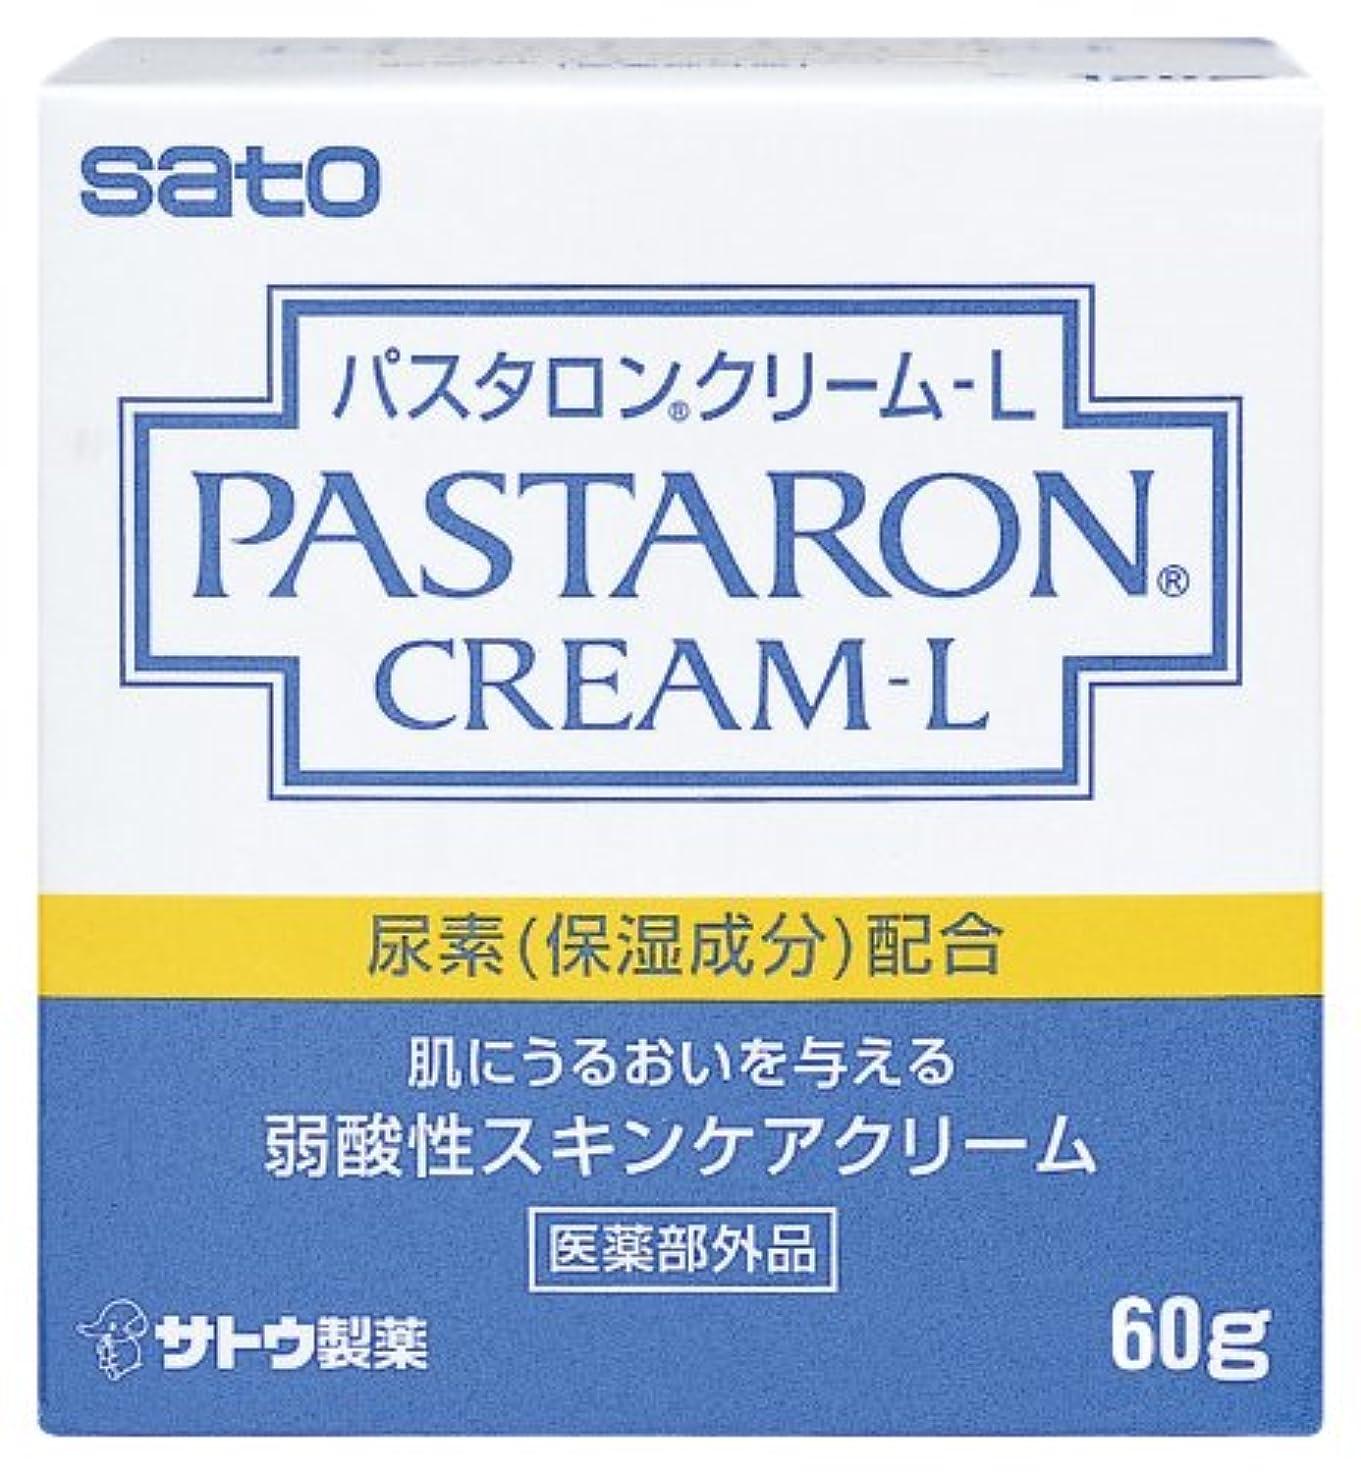 アフリカ人金額お金パスタロンクリーム-L 60g